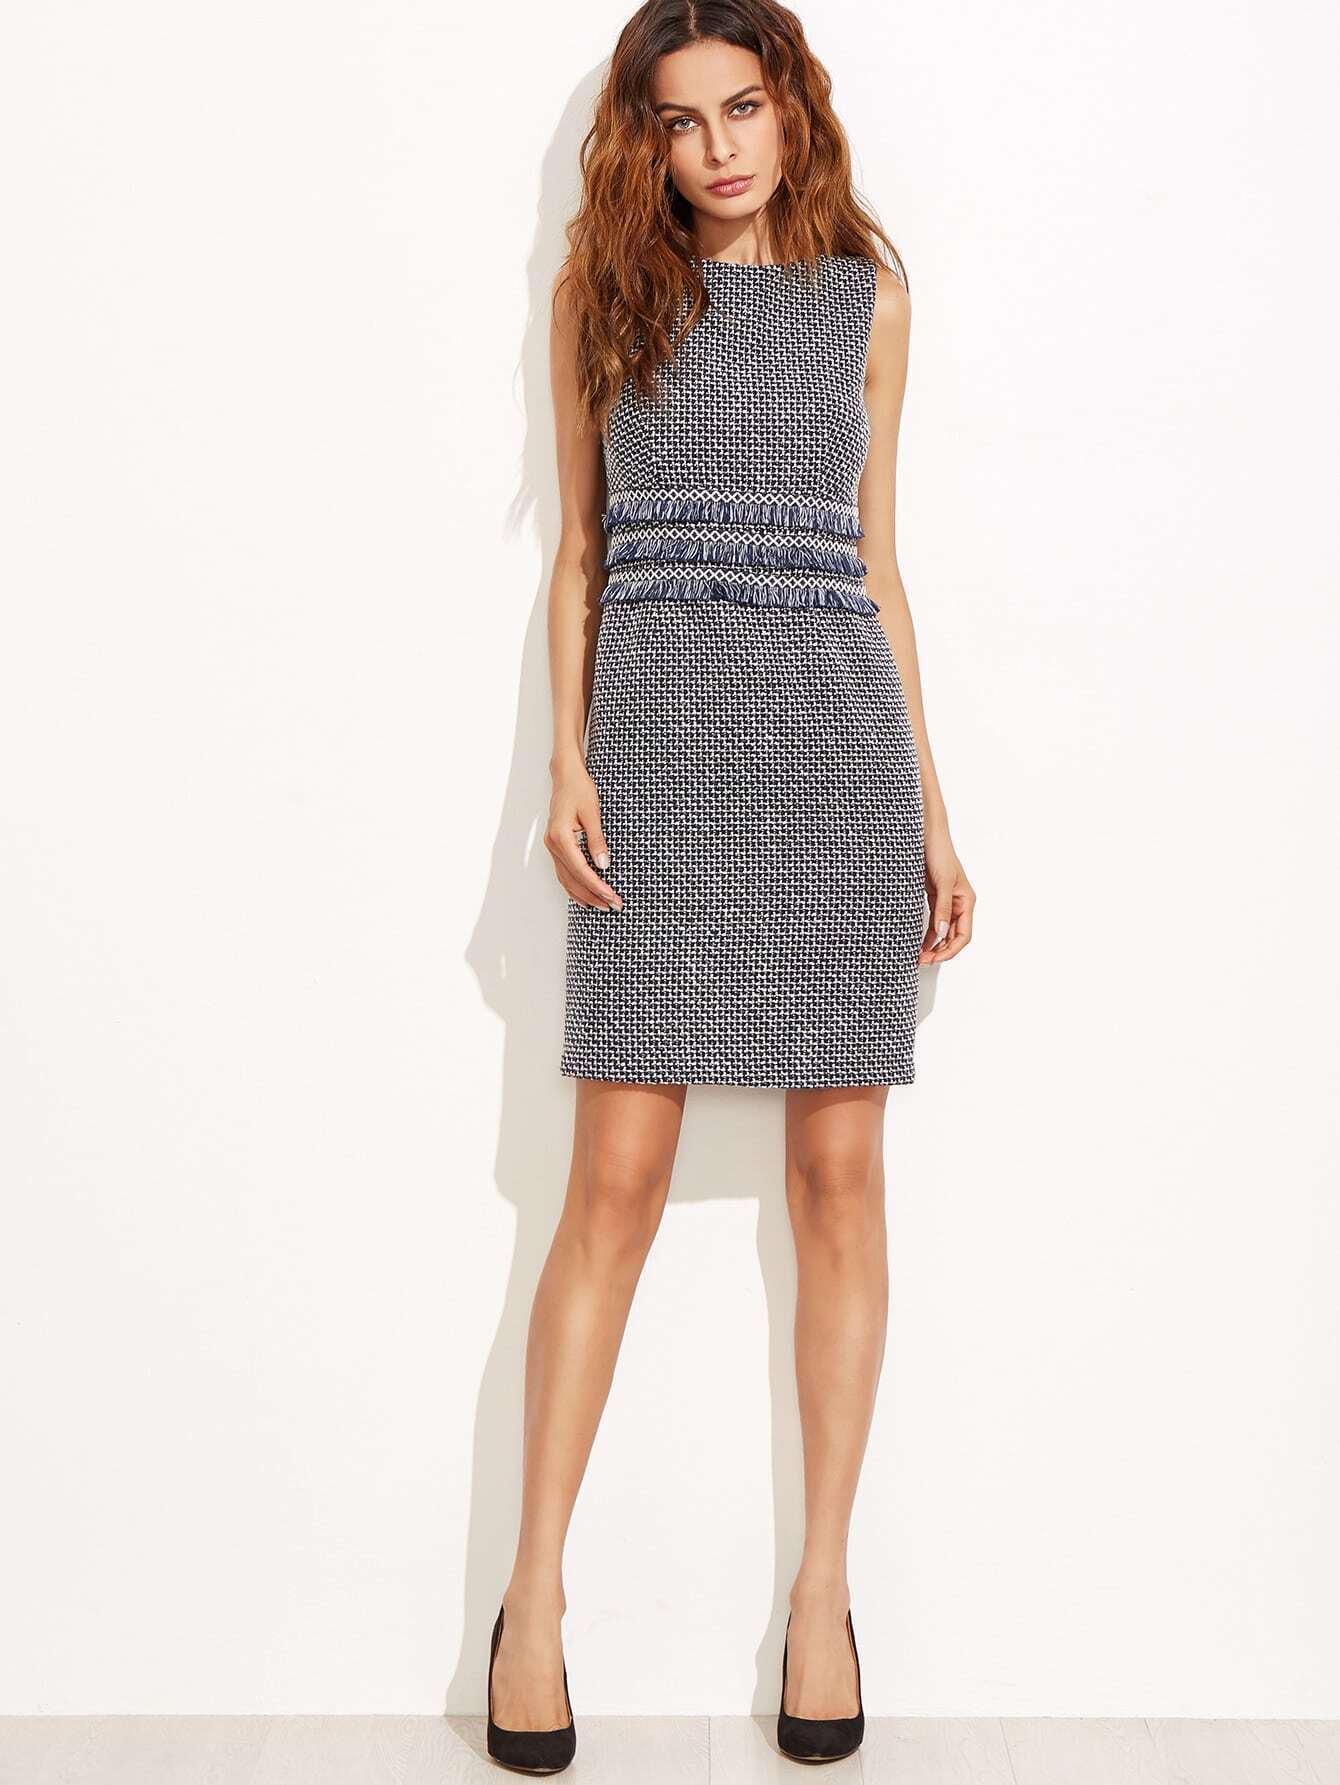 dress160906702_2